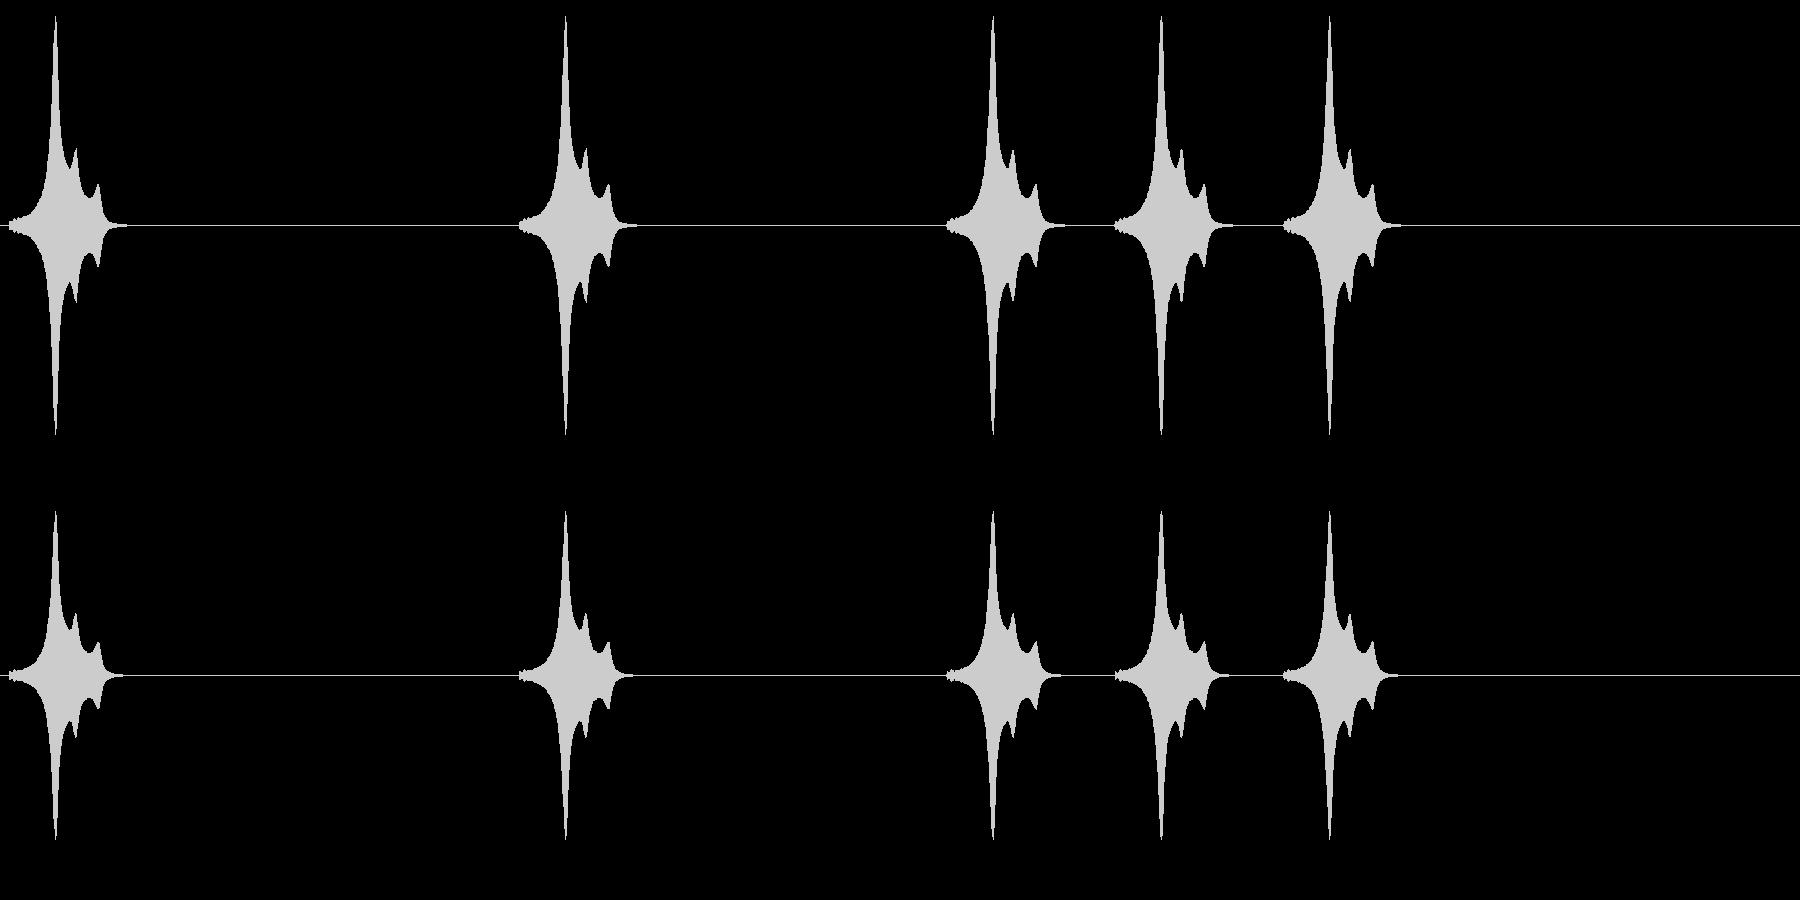 ポイ ポイ ポイポイポイの未再生の波形